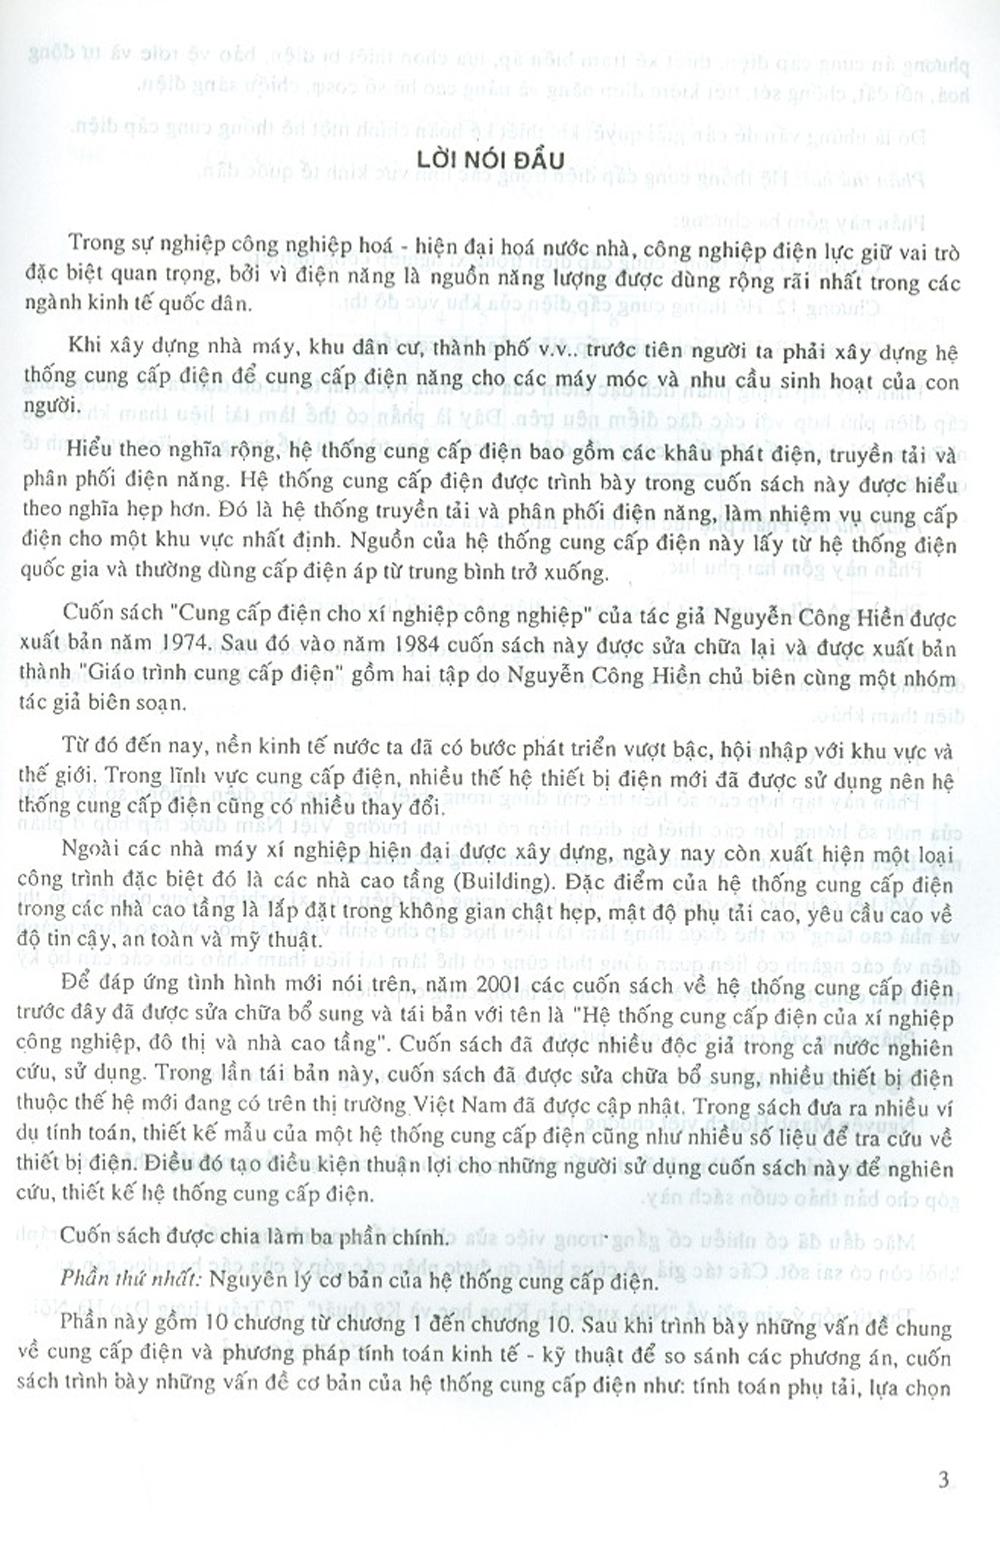 Hệ Thống Cung Cấp Điện Của Xí Nghiệp Công Nghiệp Đô Thị Và Nhà Cao Tầng